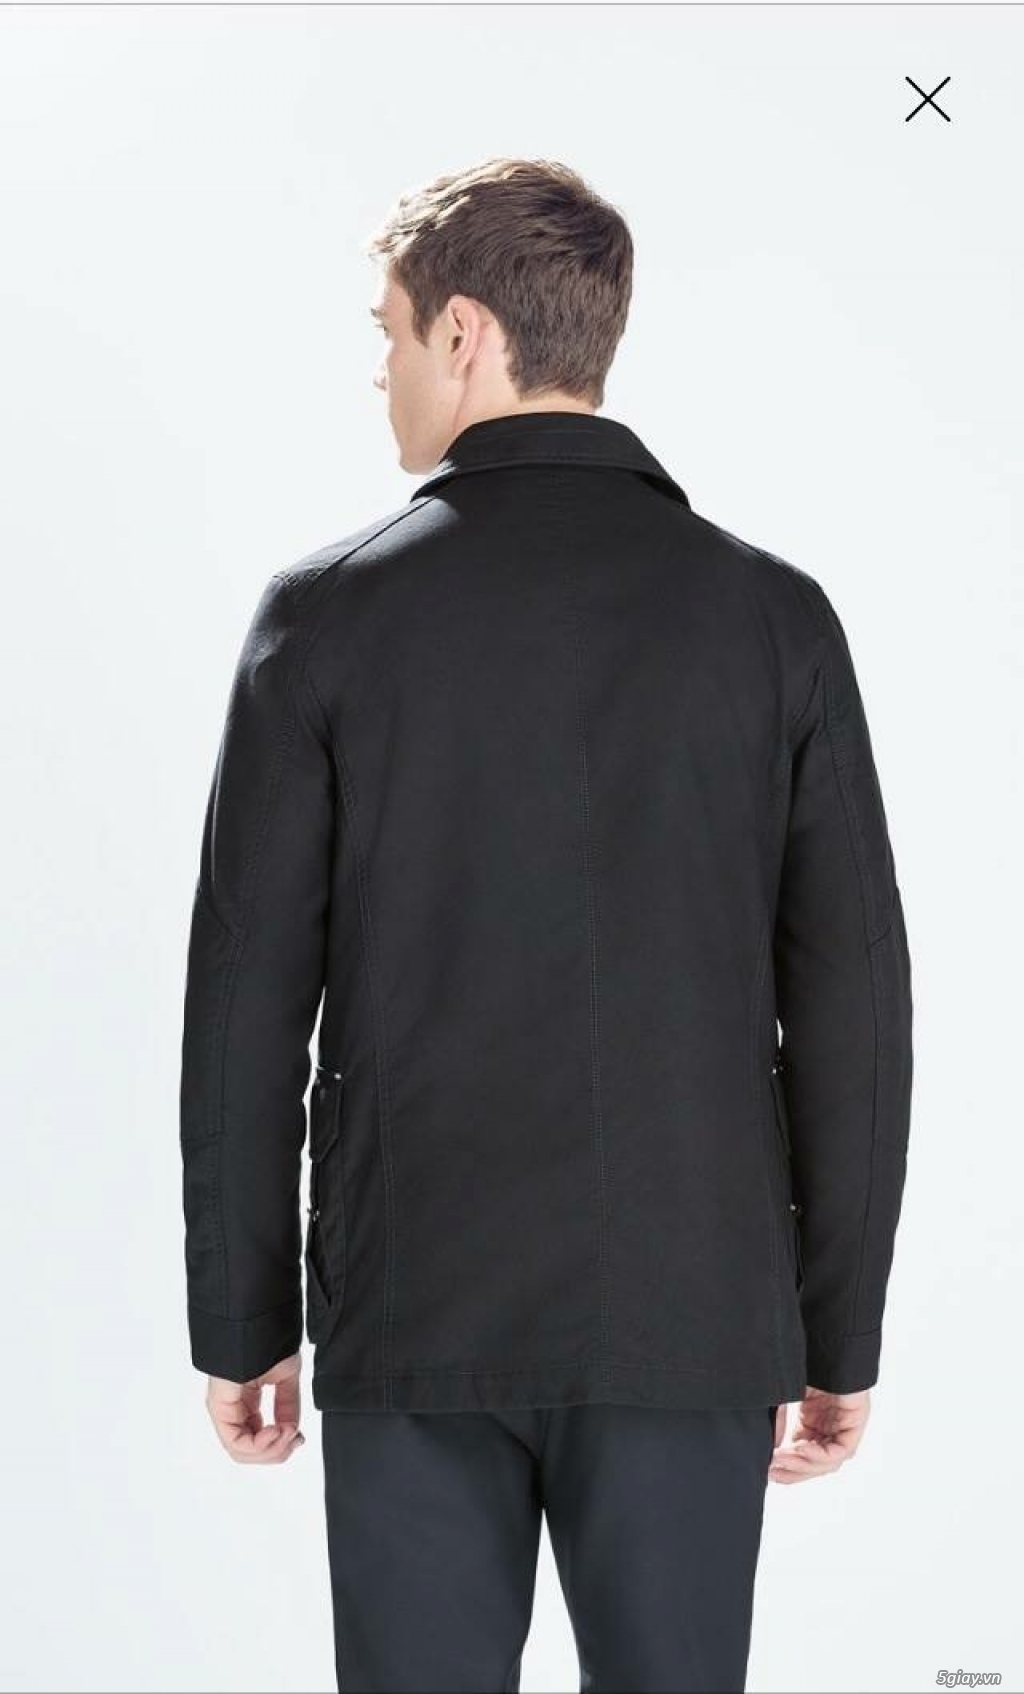 Cần thanh lý áo khoác lạnh zara xách tay, chính hãng usa - 17